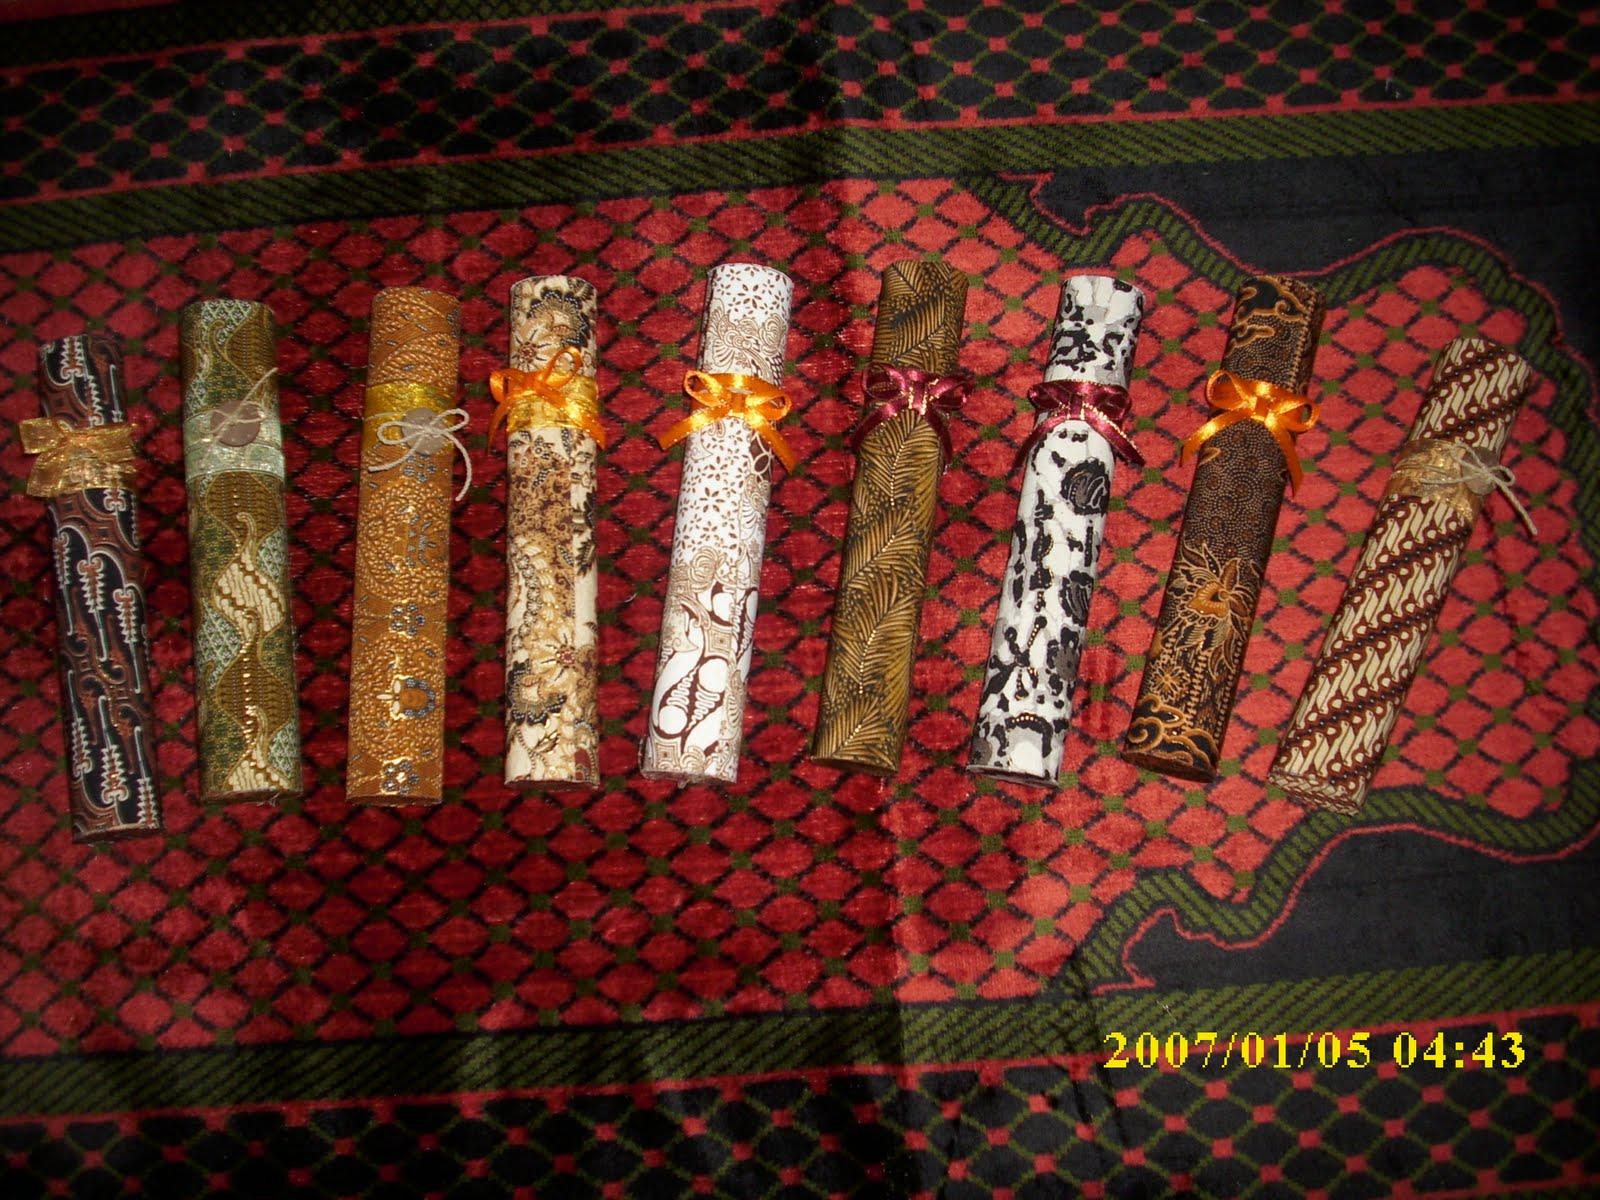 aneka undangan batik motif khas Pekalongan